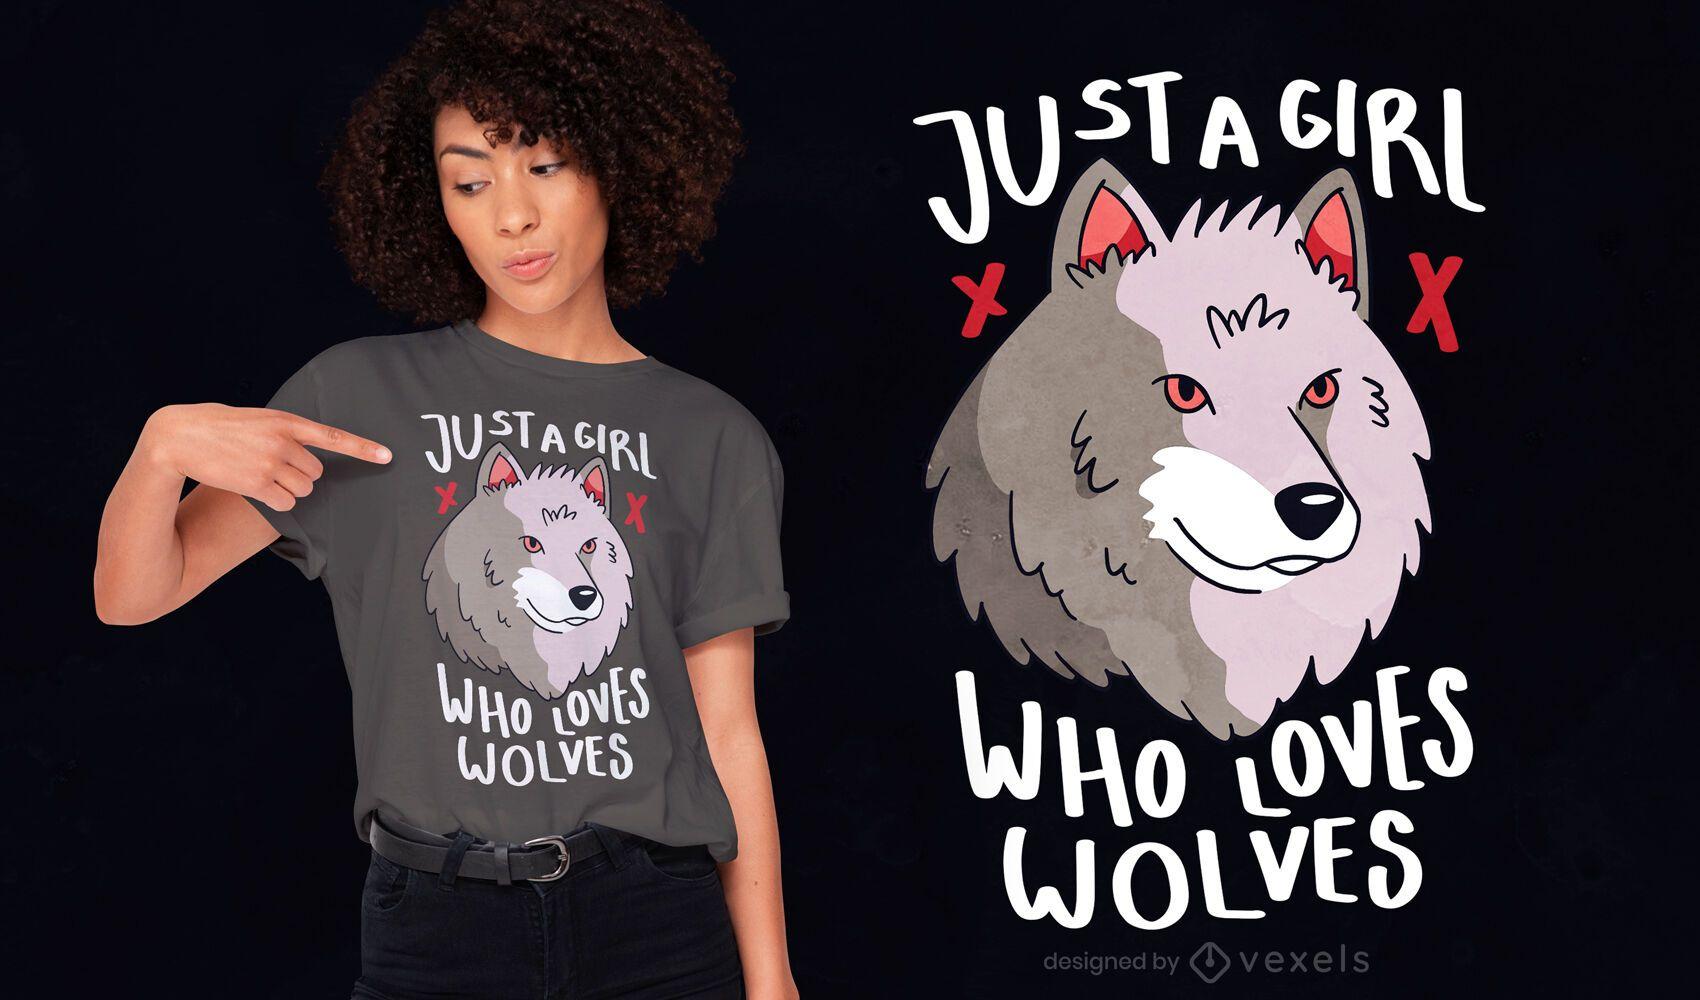 Girl who loves wolves t-shirt design